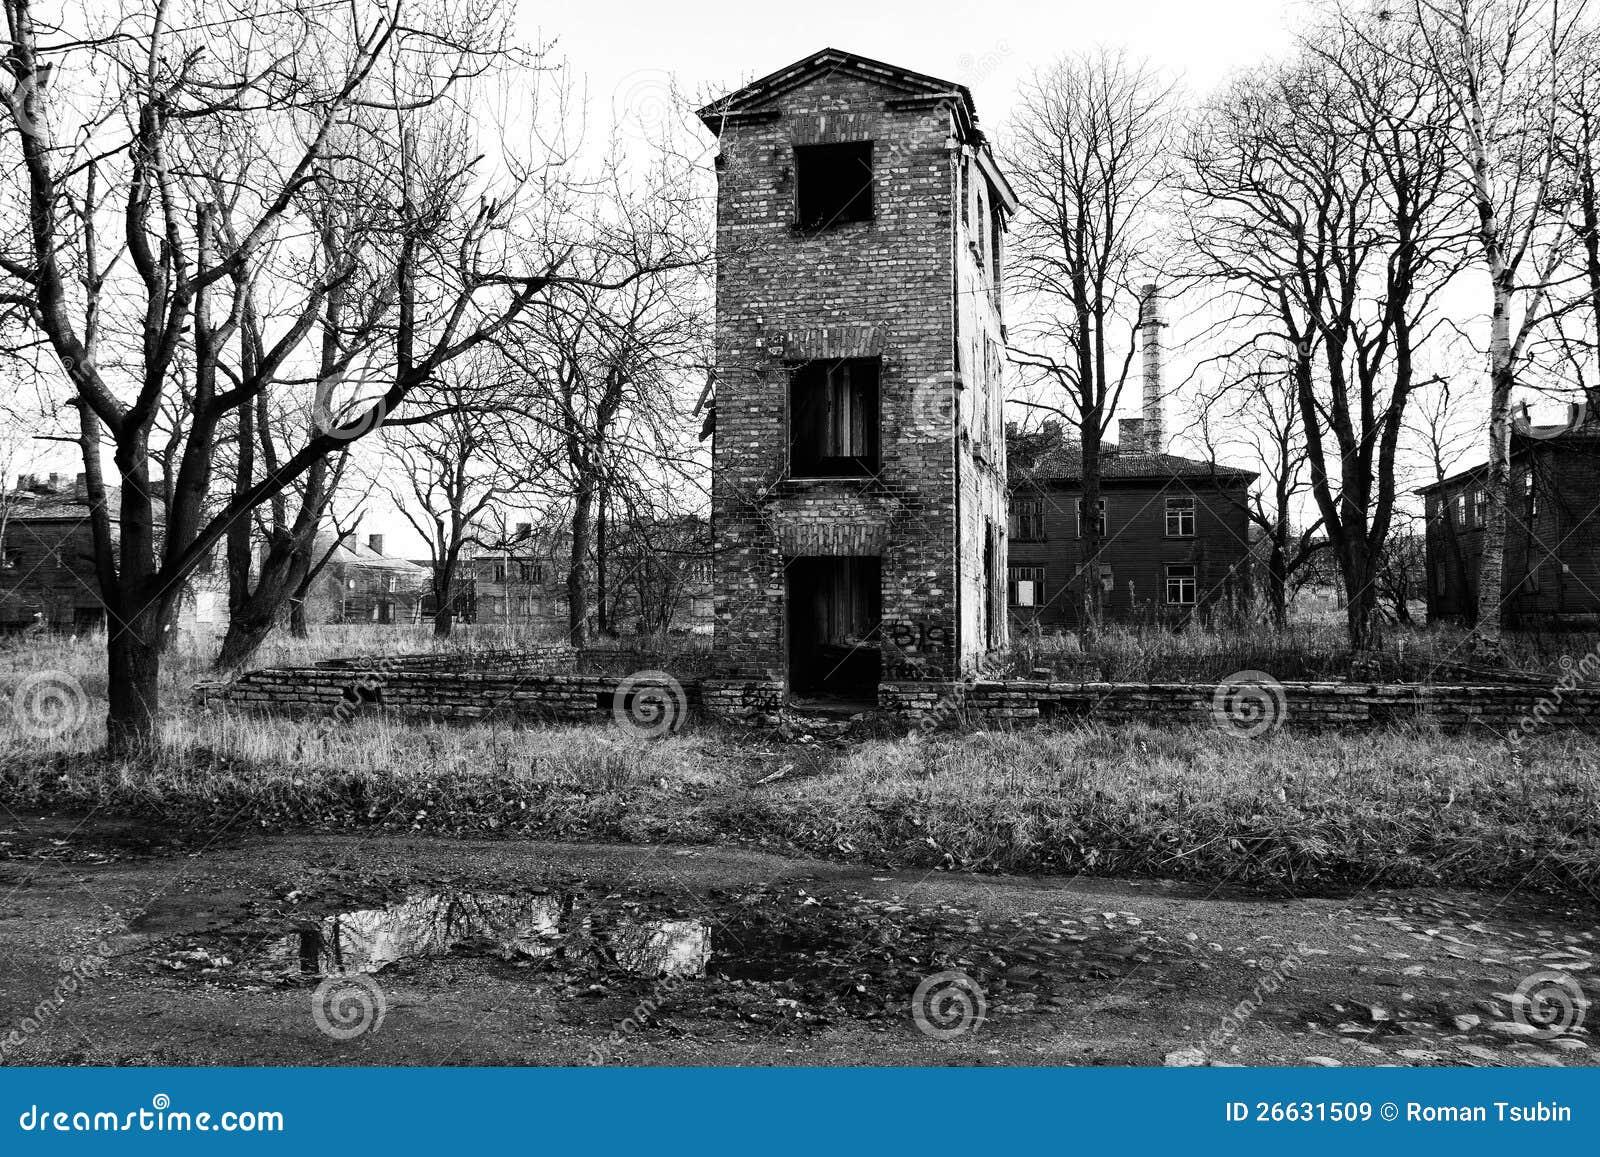 Vieille maison ruin e en noir et blanc images libres de droits image 26631509 - Maison noir et blanc ...